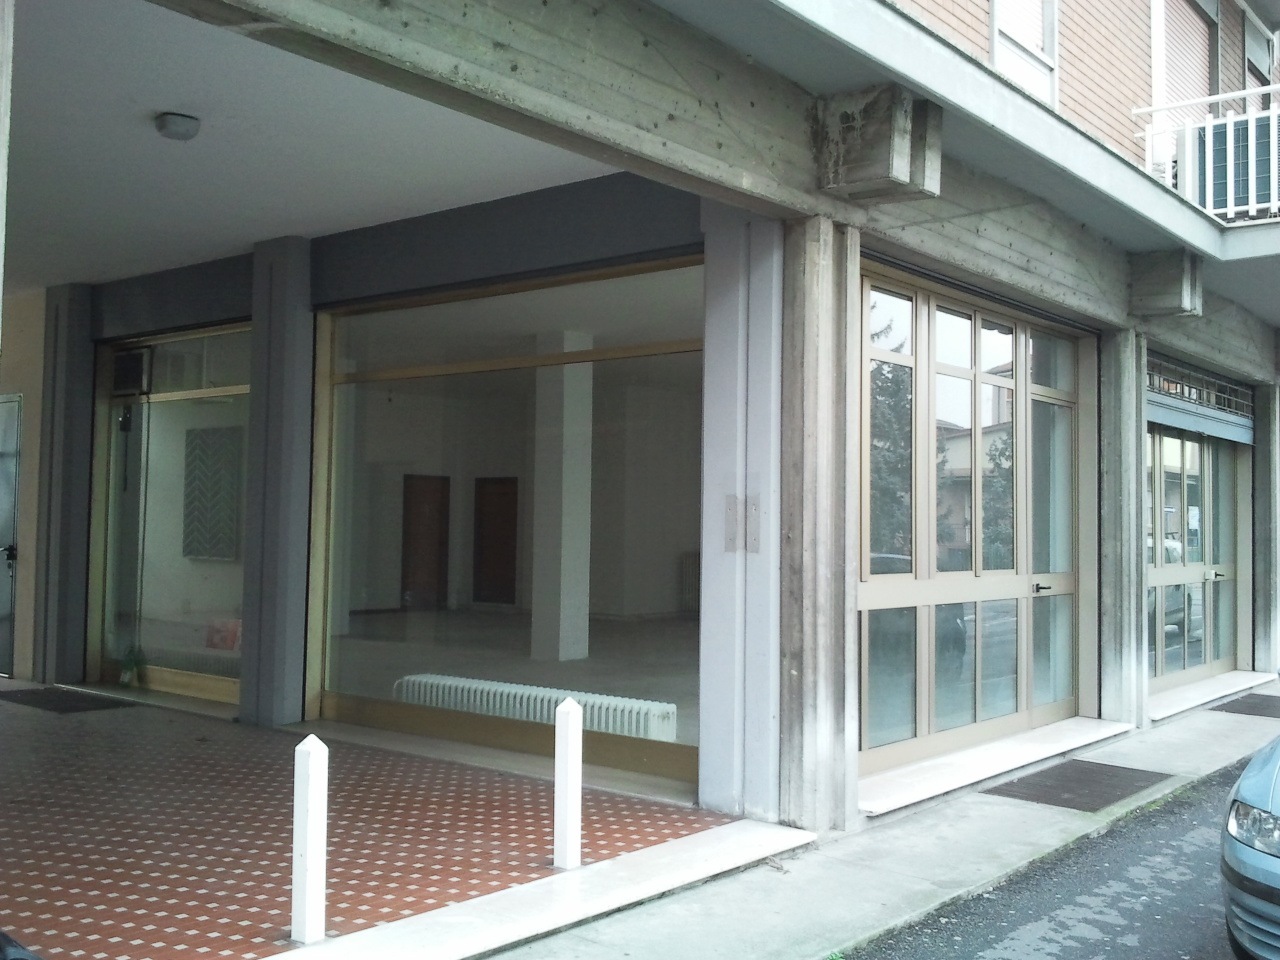 Negozio / Locale in affitto a Sorbolo, 1 locali, prezzo € 1.100 | Cambio Casa.it